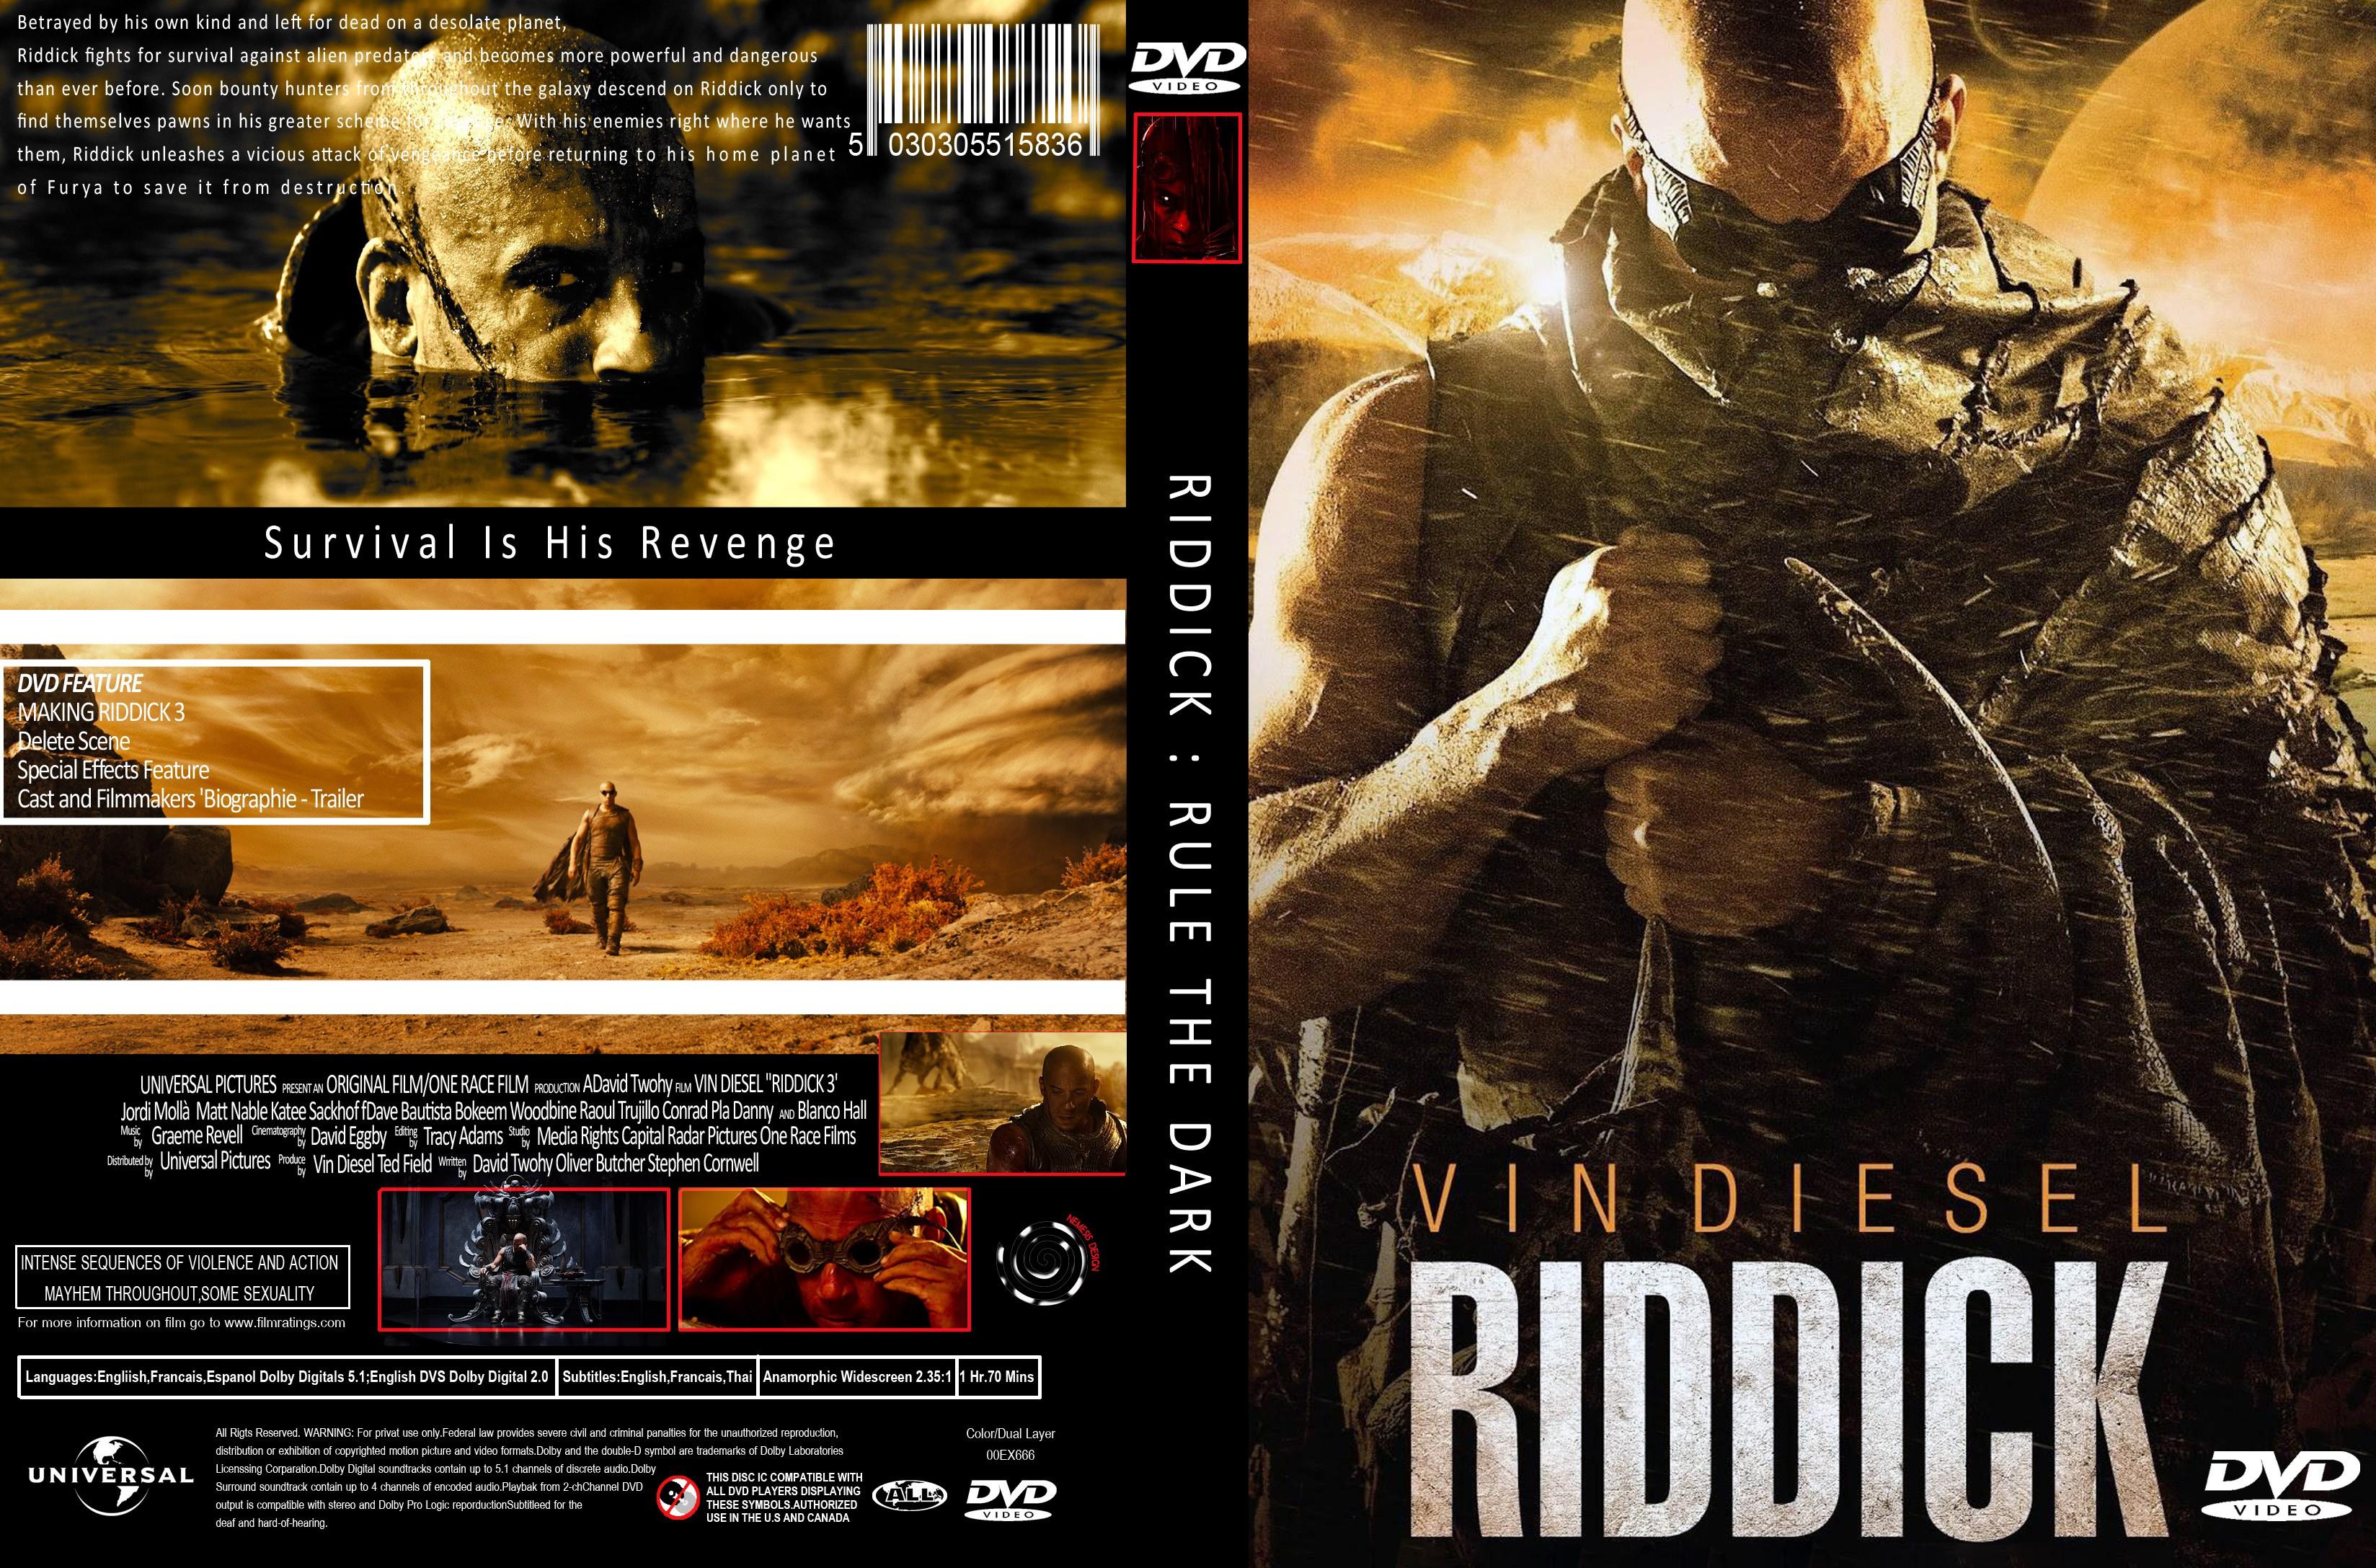 riddick 2013 dual audio movie